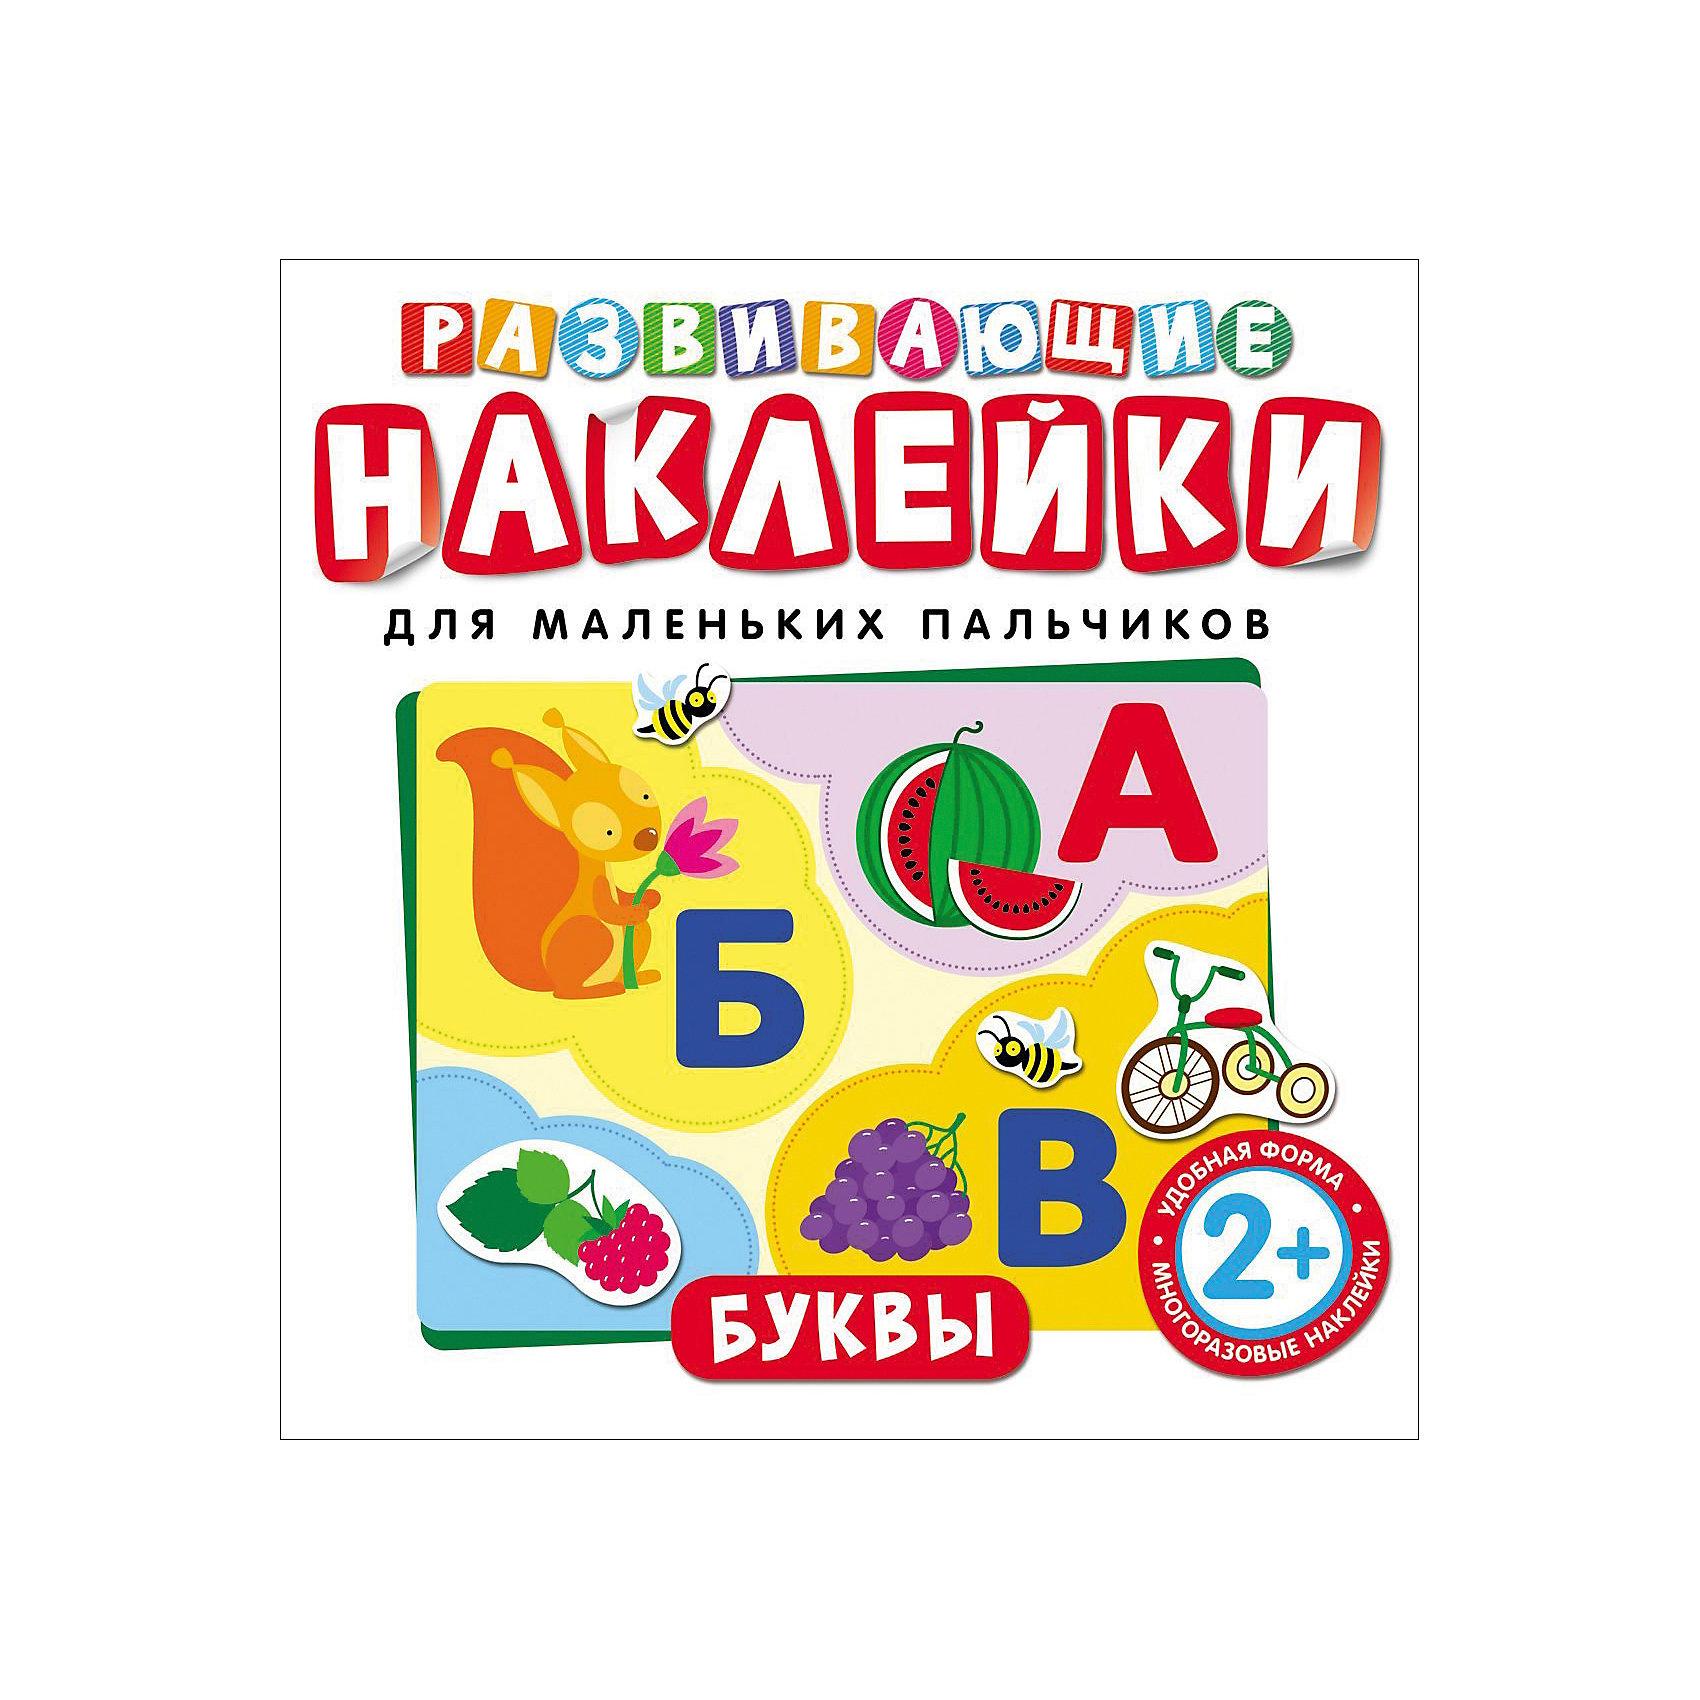 Развивающие наклейки БуквыХарактеристики товара:<br><br>- цвет: разноцветный;<br>- материал: бумага;<br>- страниц: 12;<br>- формат: 84x100/12;<br>- обложка: мягкая;<br>- развивающее издание.<br><br>Это интересное развивающее издание станет отличным подарком для ребенка. Оно содержит в себе задания, которые можно выполнить с помощью наклеек. Всё представлено в очень простой форме! Наклейки многоразовые, их можно клеить куда угодно или выполнять задания заново. Простые интересные задачки помогут привить любовь к учебе!<br>Выполнение таких заданий помогает ребенку развивать зрительную память, концентрацию внимания и воображение. Издание произведено из качественных материалов, которые безопасны даже для самых маленьких.<br><br>Развивающие наклейки Буквы от компании Росмэн можно купить в нашем интернет-магазине.<br><br>Ширина мм: 245<br>Глубина мм: 245<br>Высота мм: 3<br>Вес г: 87<br>Возраст от месяцев: 0<br>Возраст до месяцев: 36<br>Пол: Унисекс<br>Возраст: Детский<br>SKU: 5110003